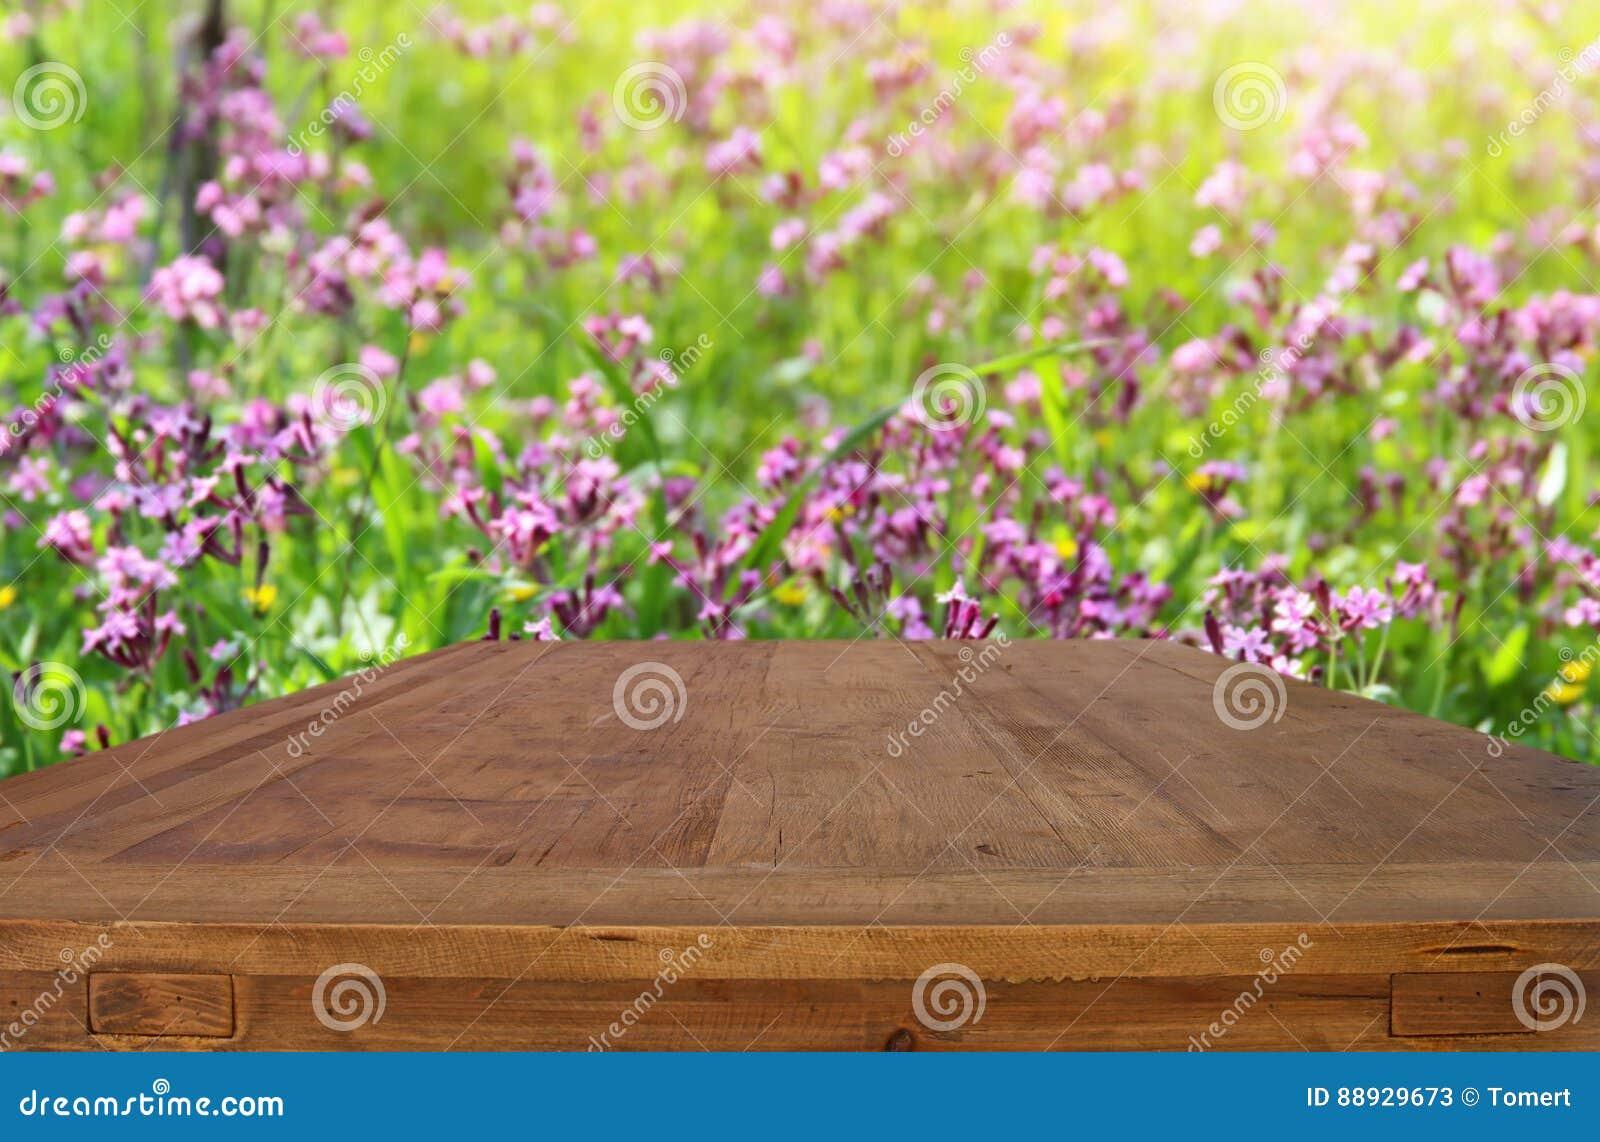 Esvazie a tabela rústica na frente do fundo bonito das flores da mola